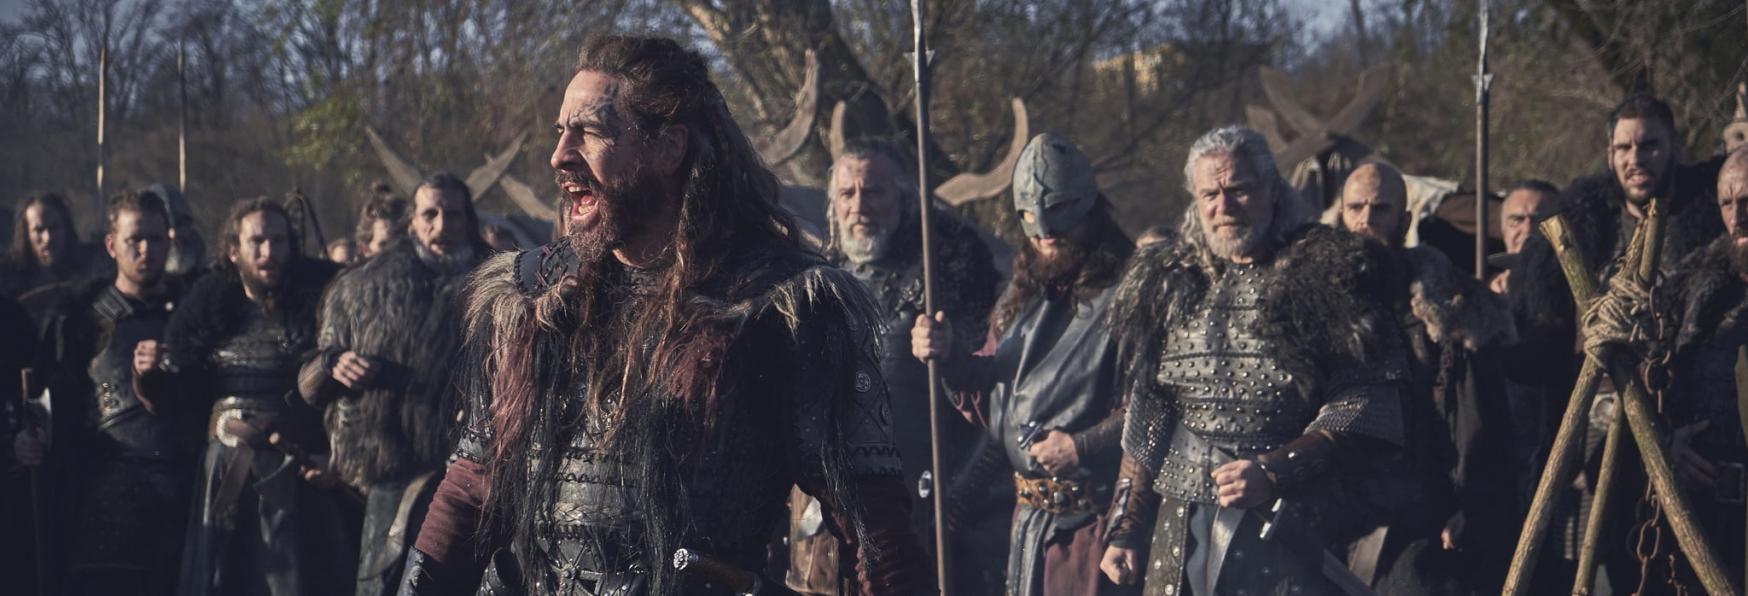 The Last Kingdom 4: tutte le Informazioni Note sulla nuova Stagione della Serie TV